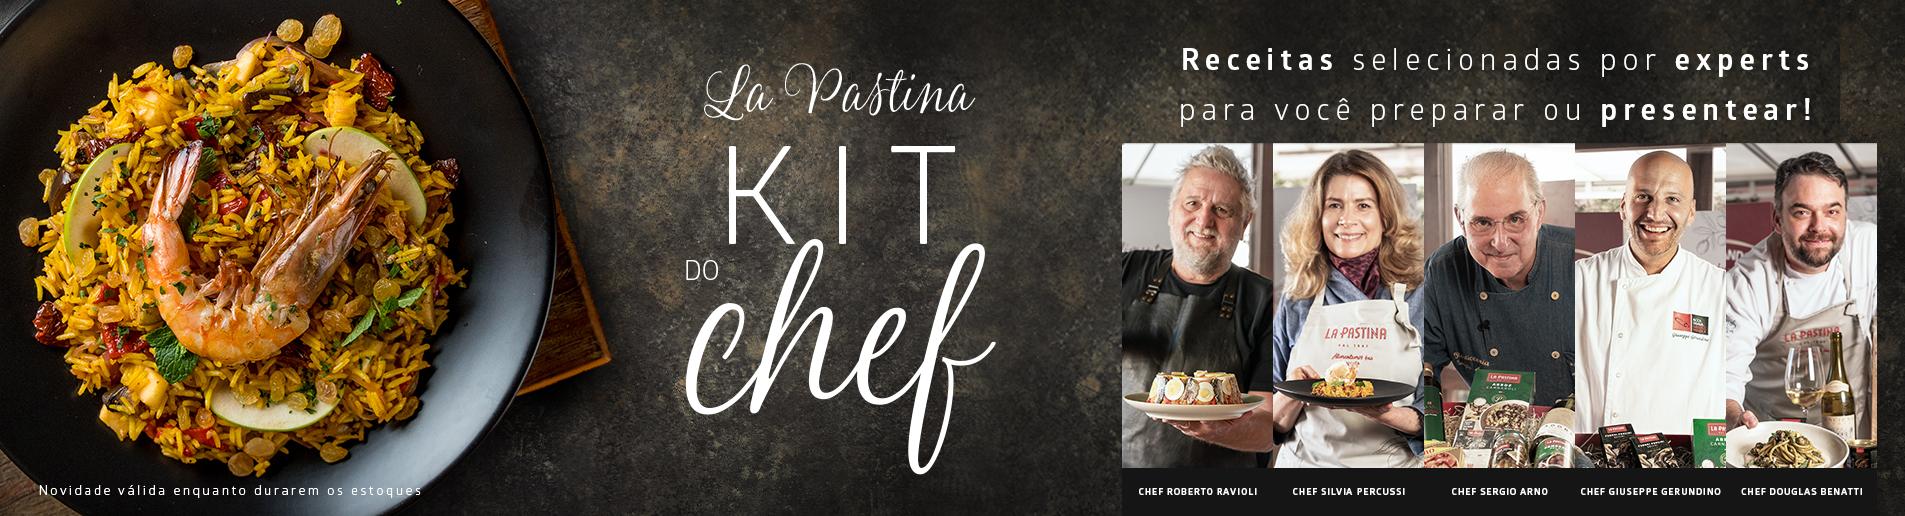 Kits do Chef